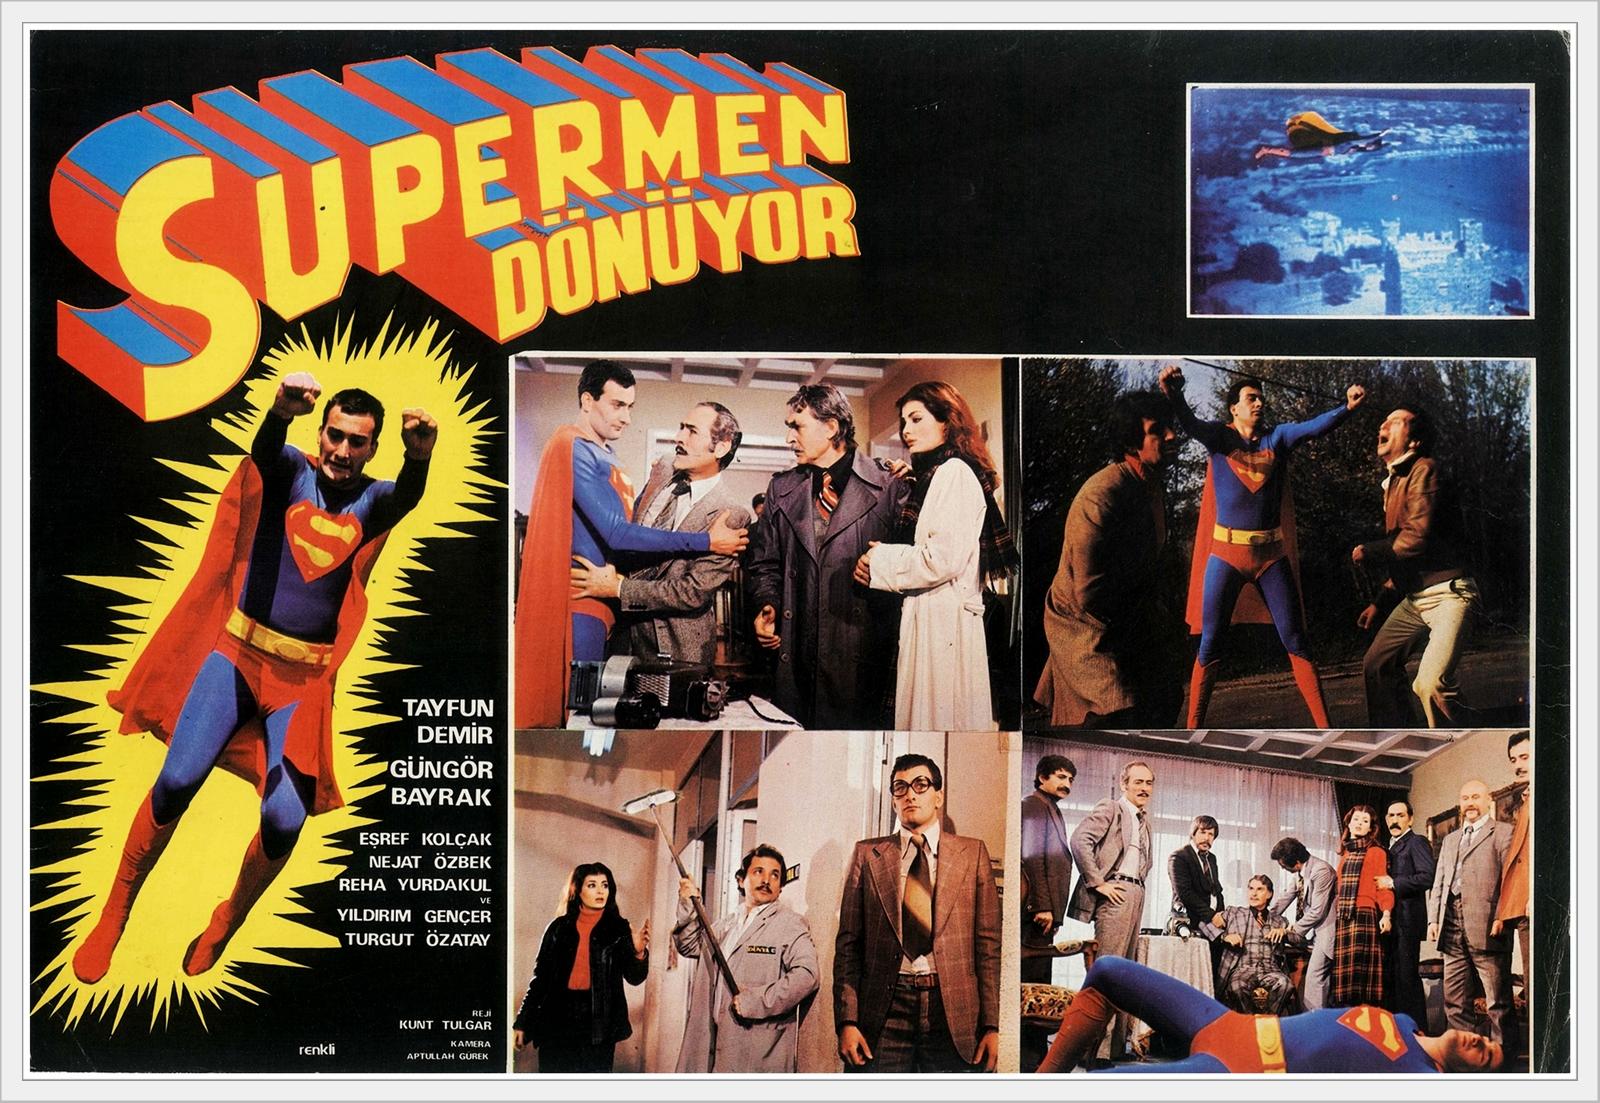 Süpermen Dönüyor003